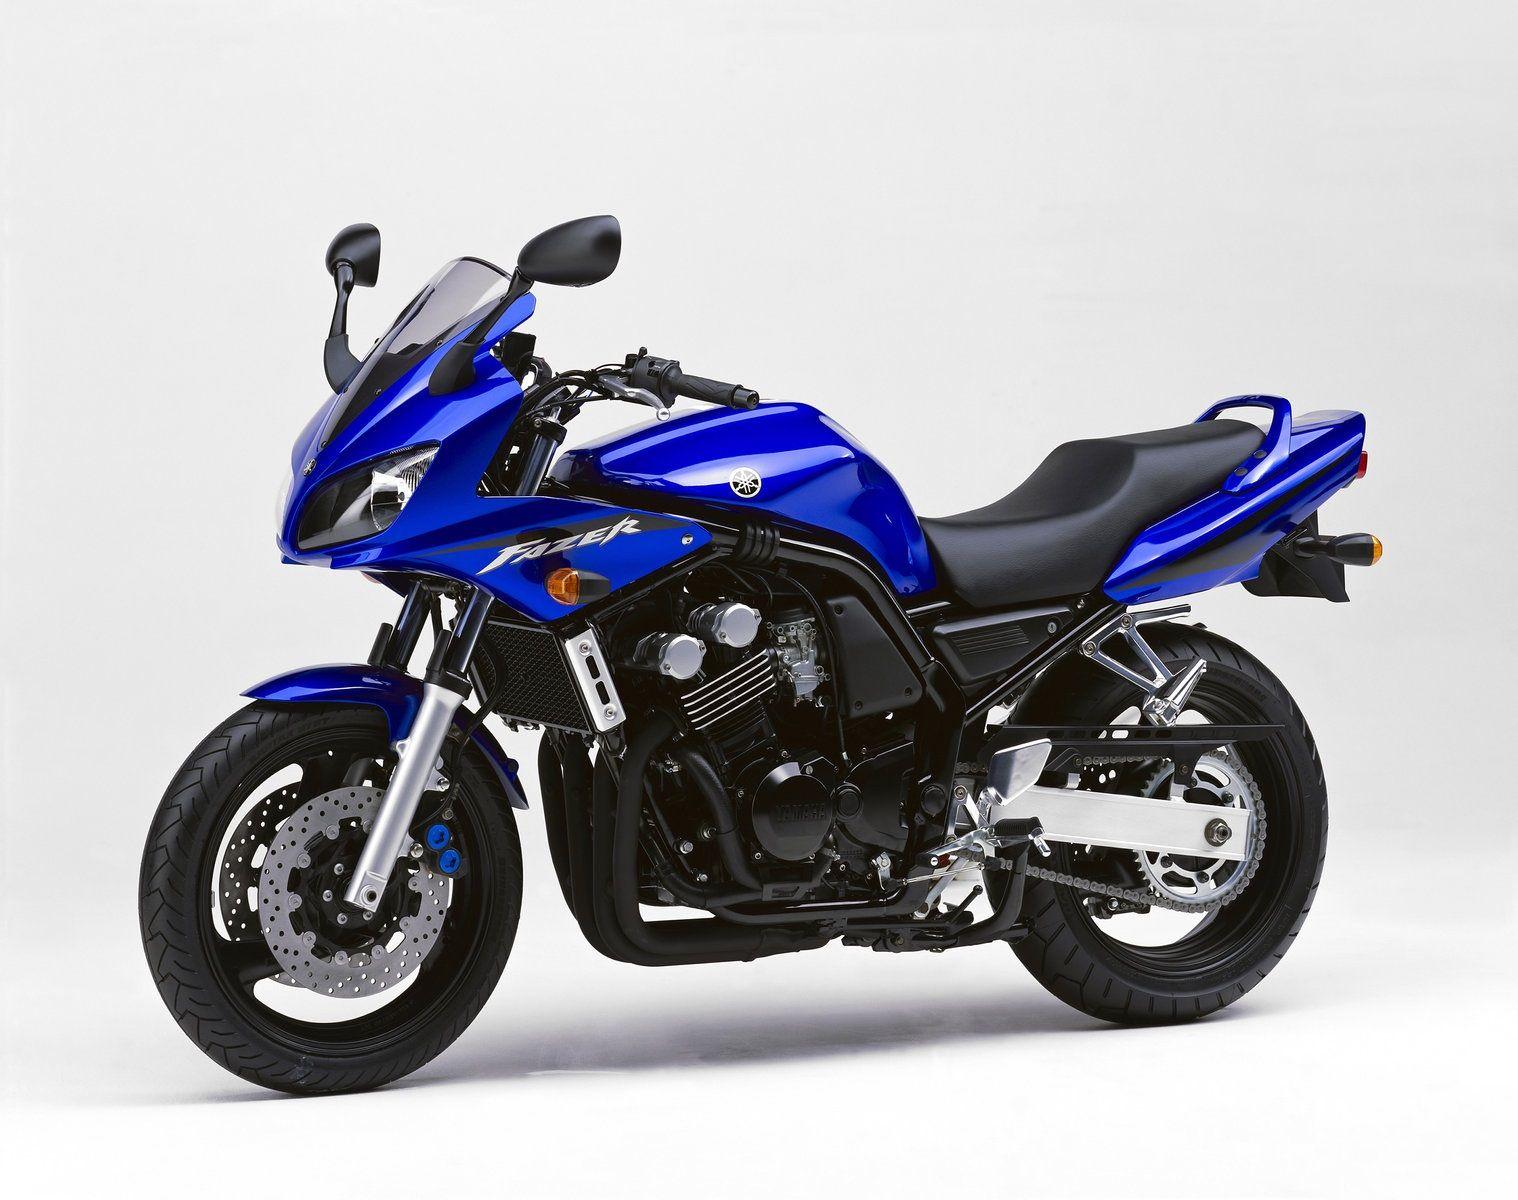 Yamaha FZS 600 Fazer (2001-2003)